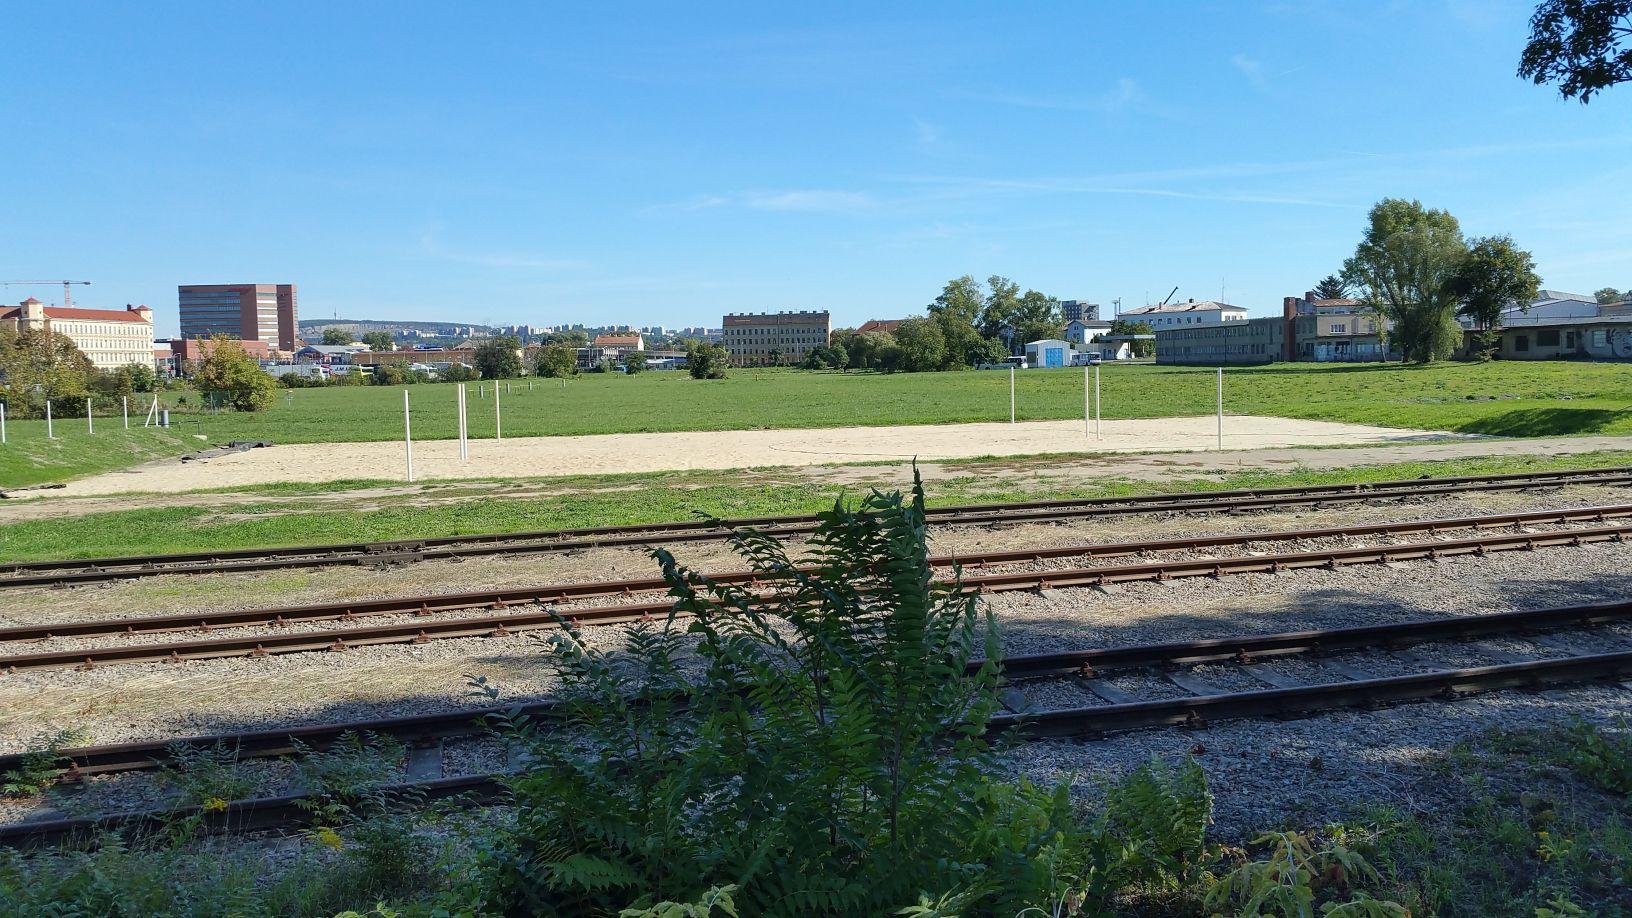 Pohled z cyklostezky u řeky Svratky na Dolní nádraží, na louce již rostou první sportoviště.